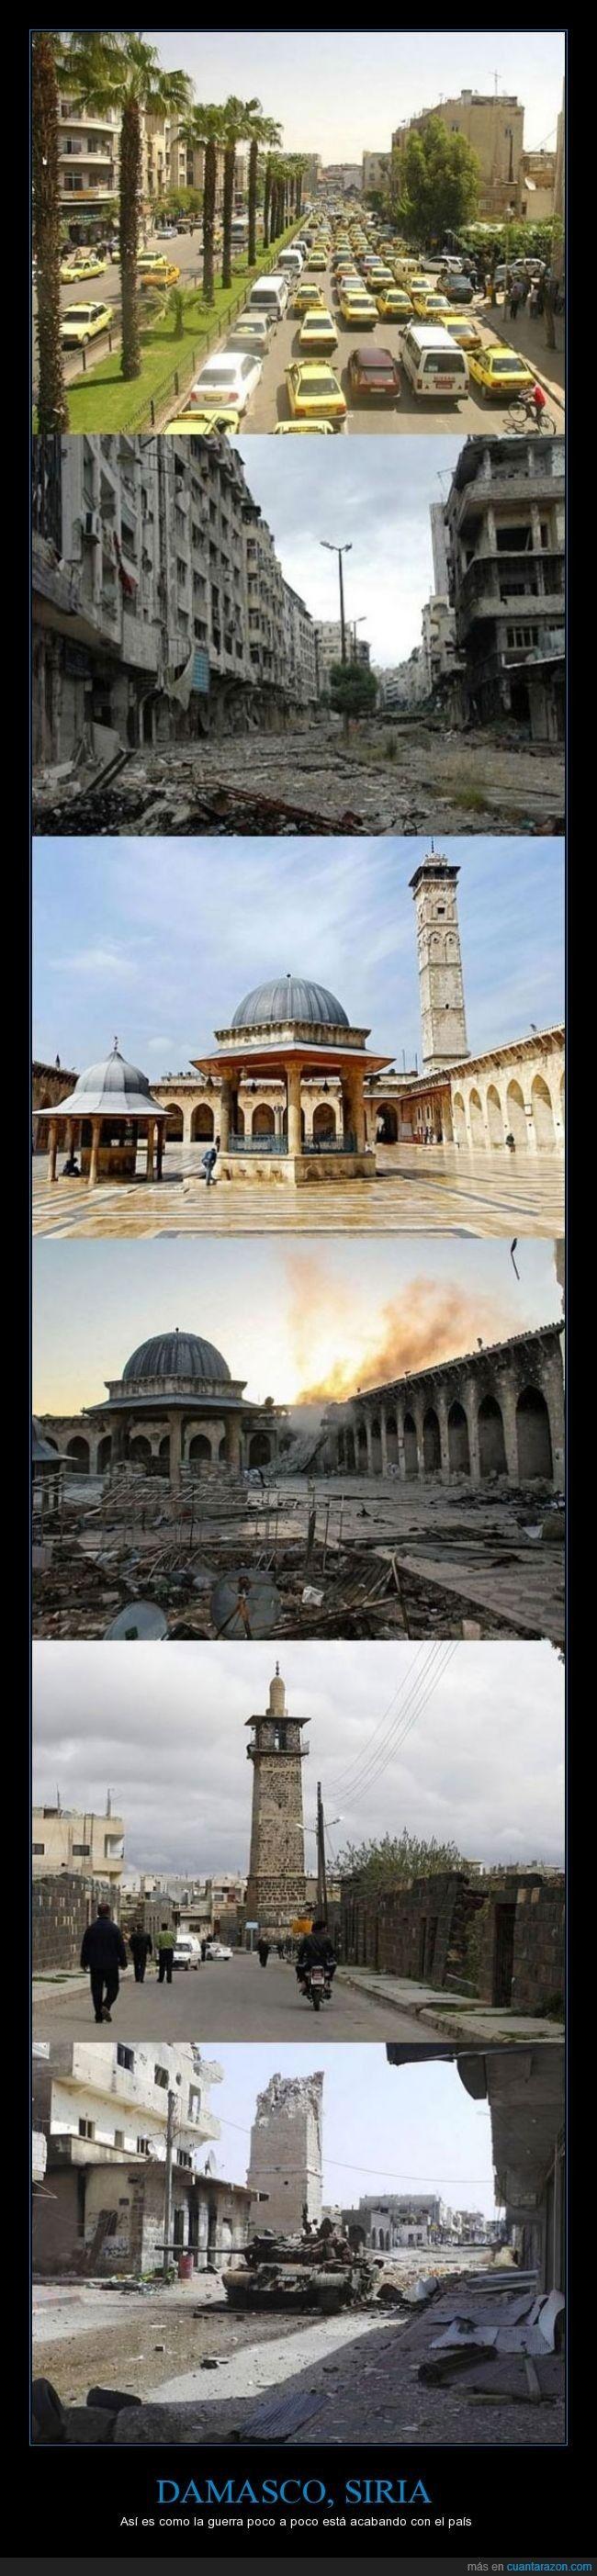 DAMASCO, SIRIA - Así es como la guerra poco a poco está acabando con el país